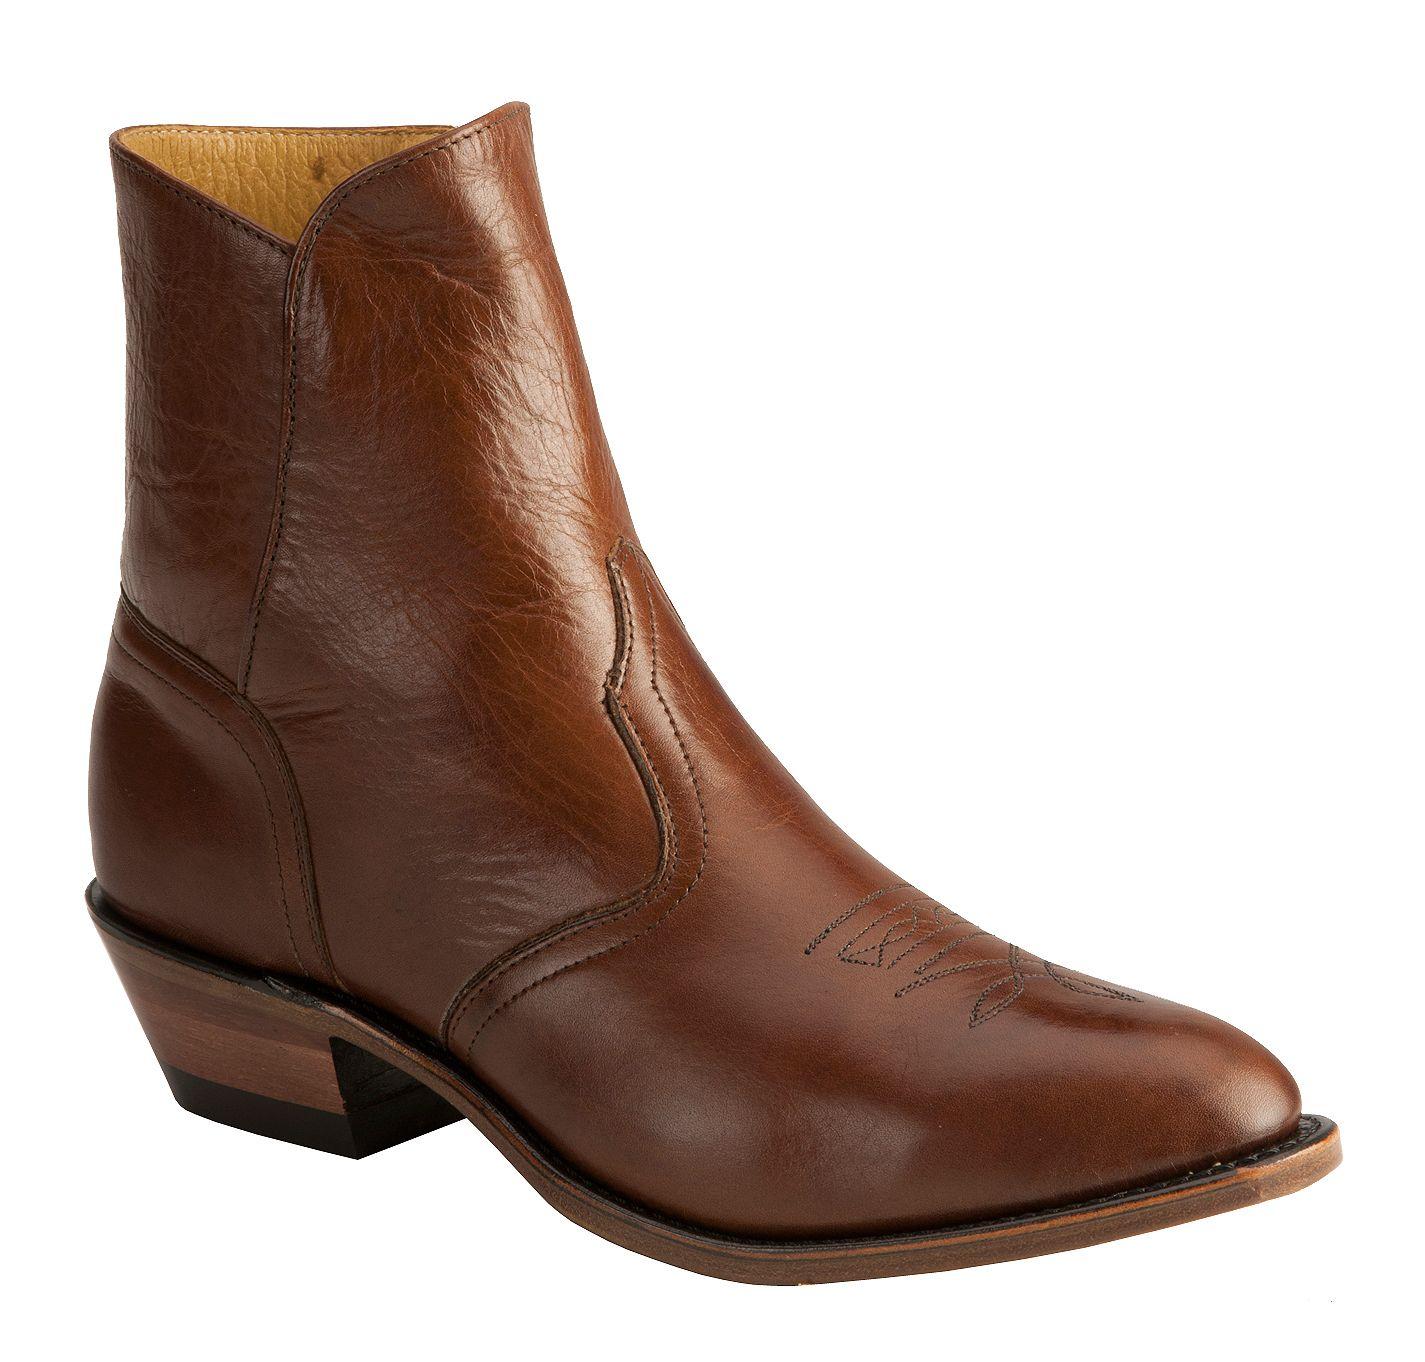 Boulet Western Dress Side Zip Boots Medium Toe Sheplers